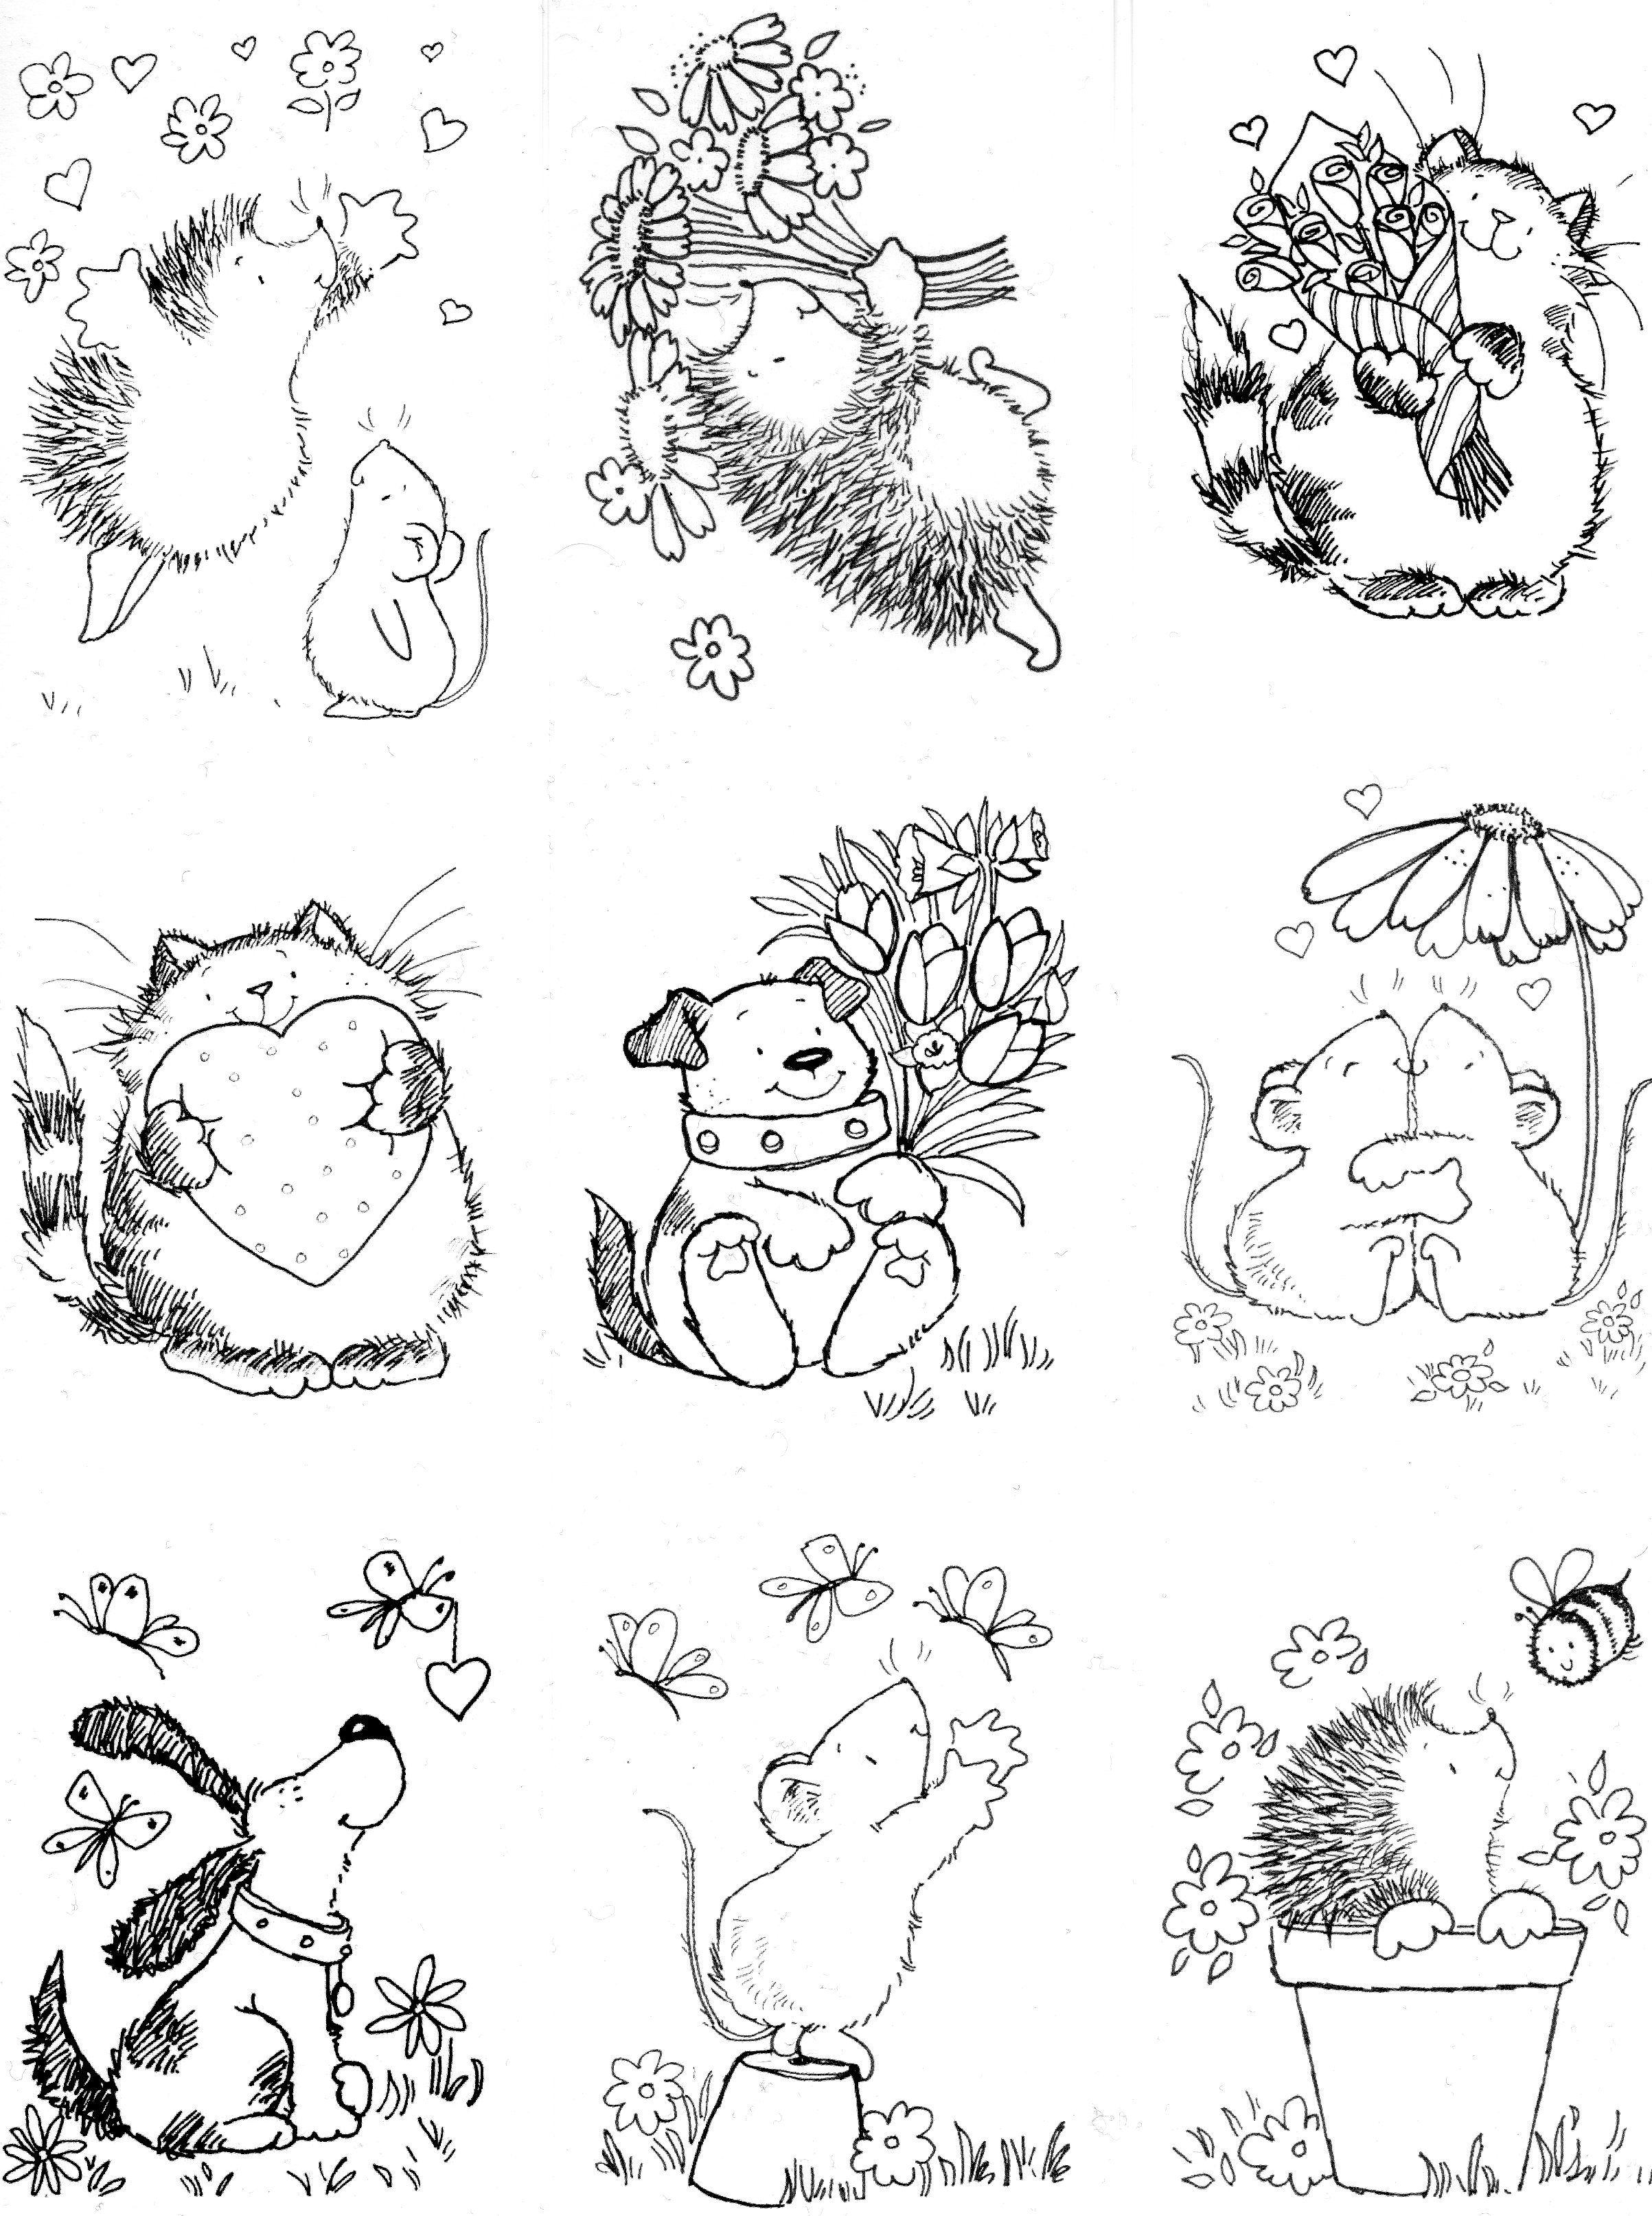 Cute digistamps | digis | Pinterest | Hausmaus, Ausmalbilder und ...